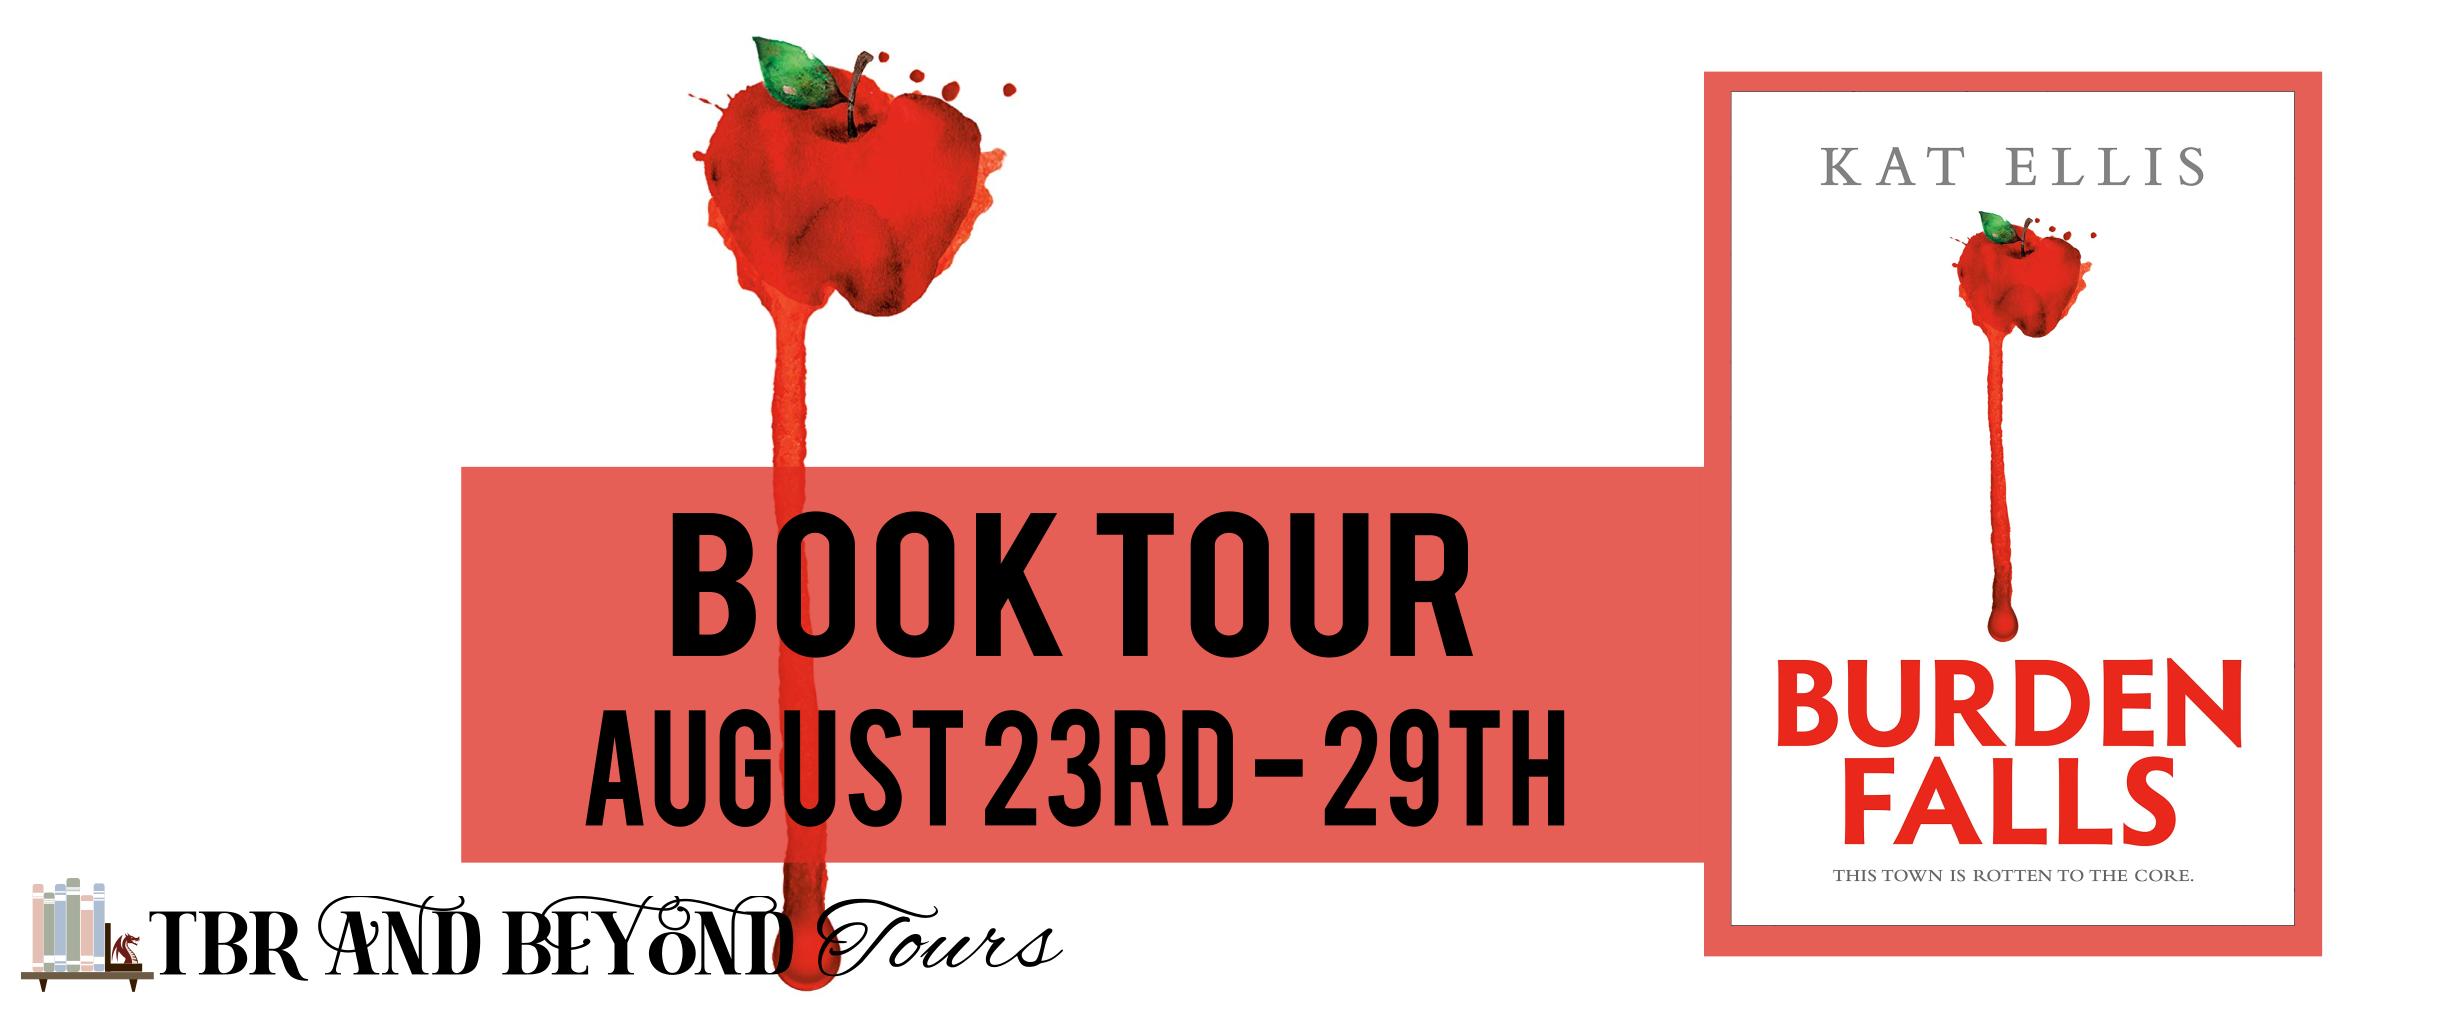 Blog Tour: Burden Falls by Kat Ellis! (Interview!)